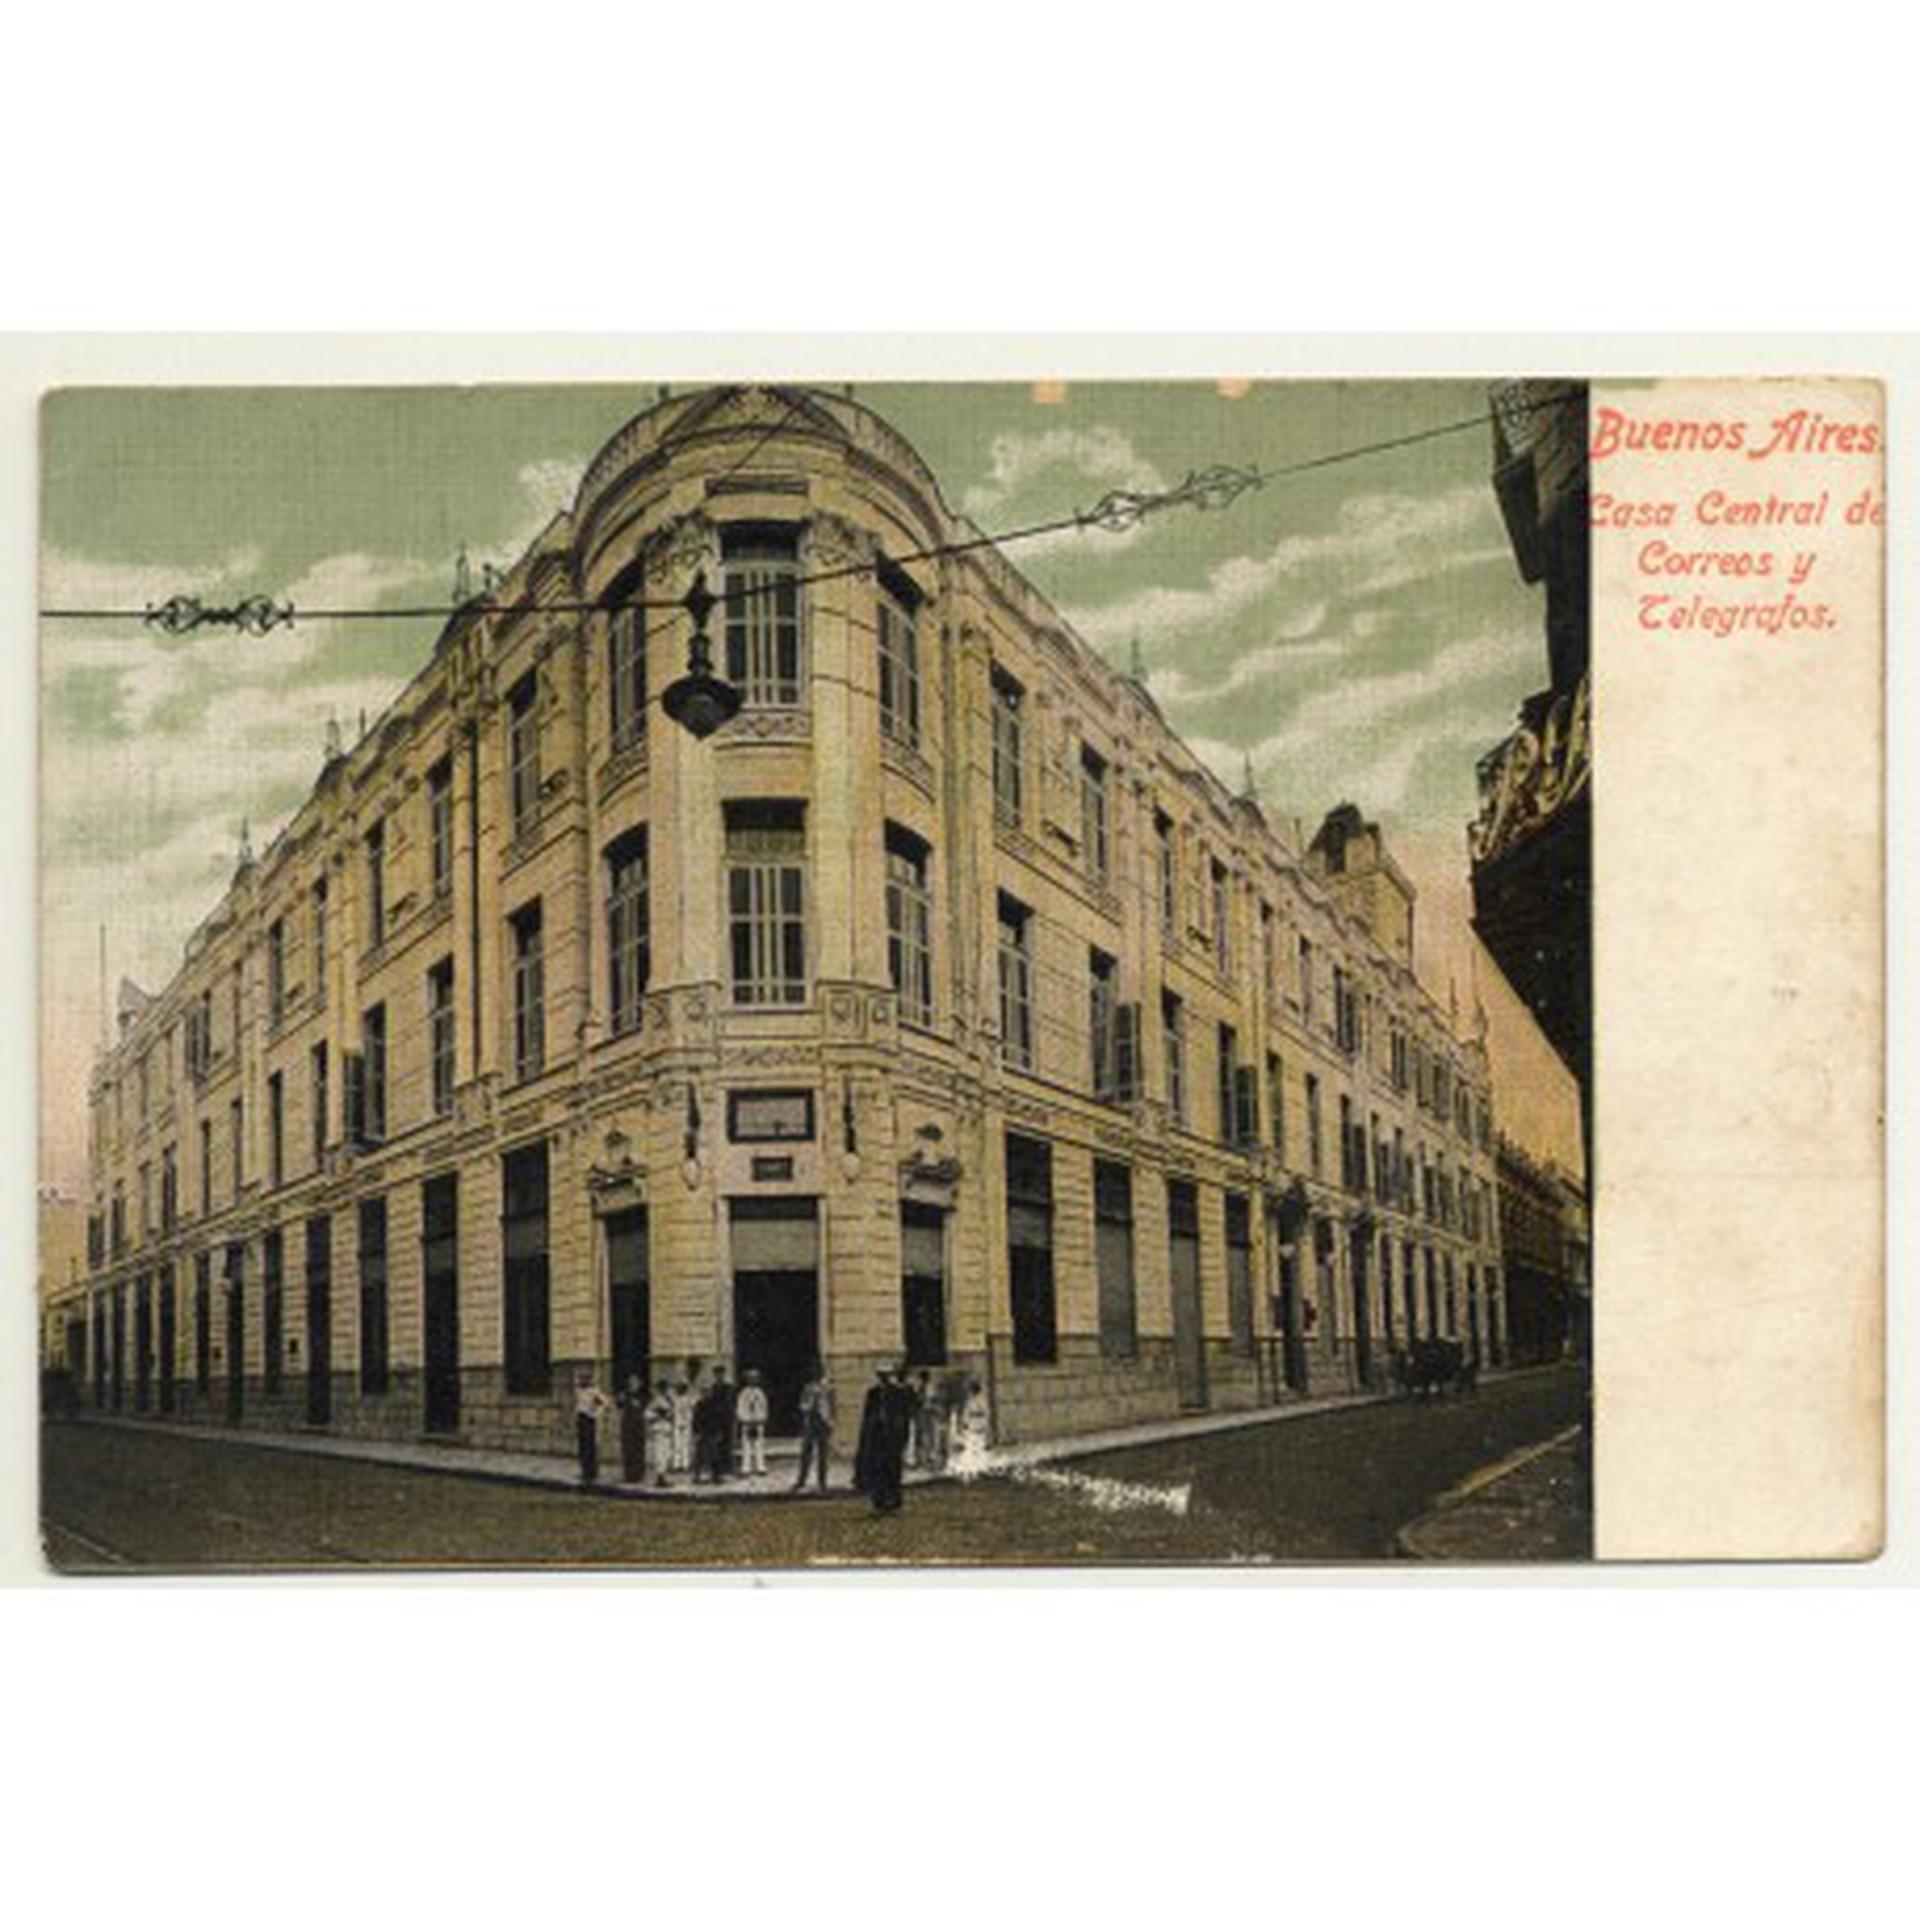 Casa Central de Correos y Telégrafos en la propiedad alquilada a Rosa Anchorena de Fernández.